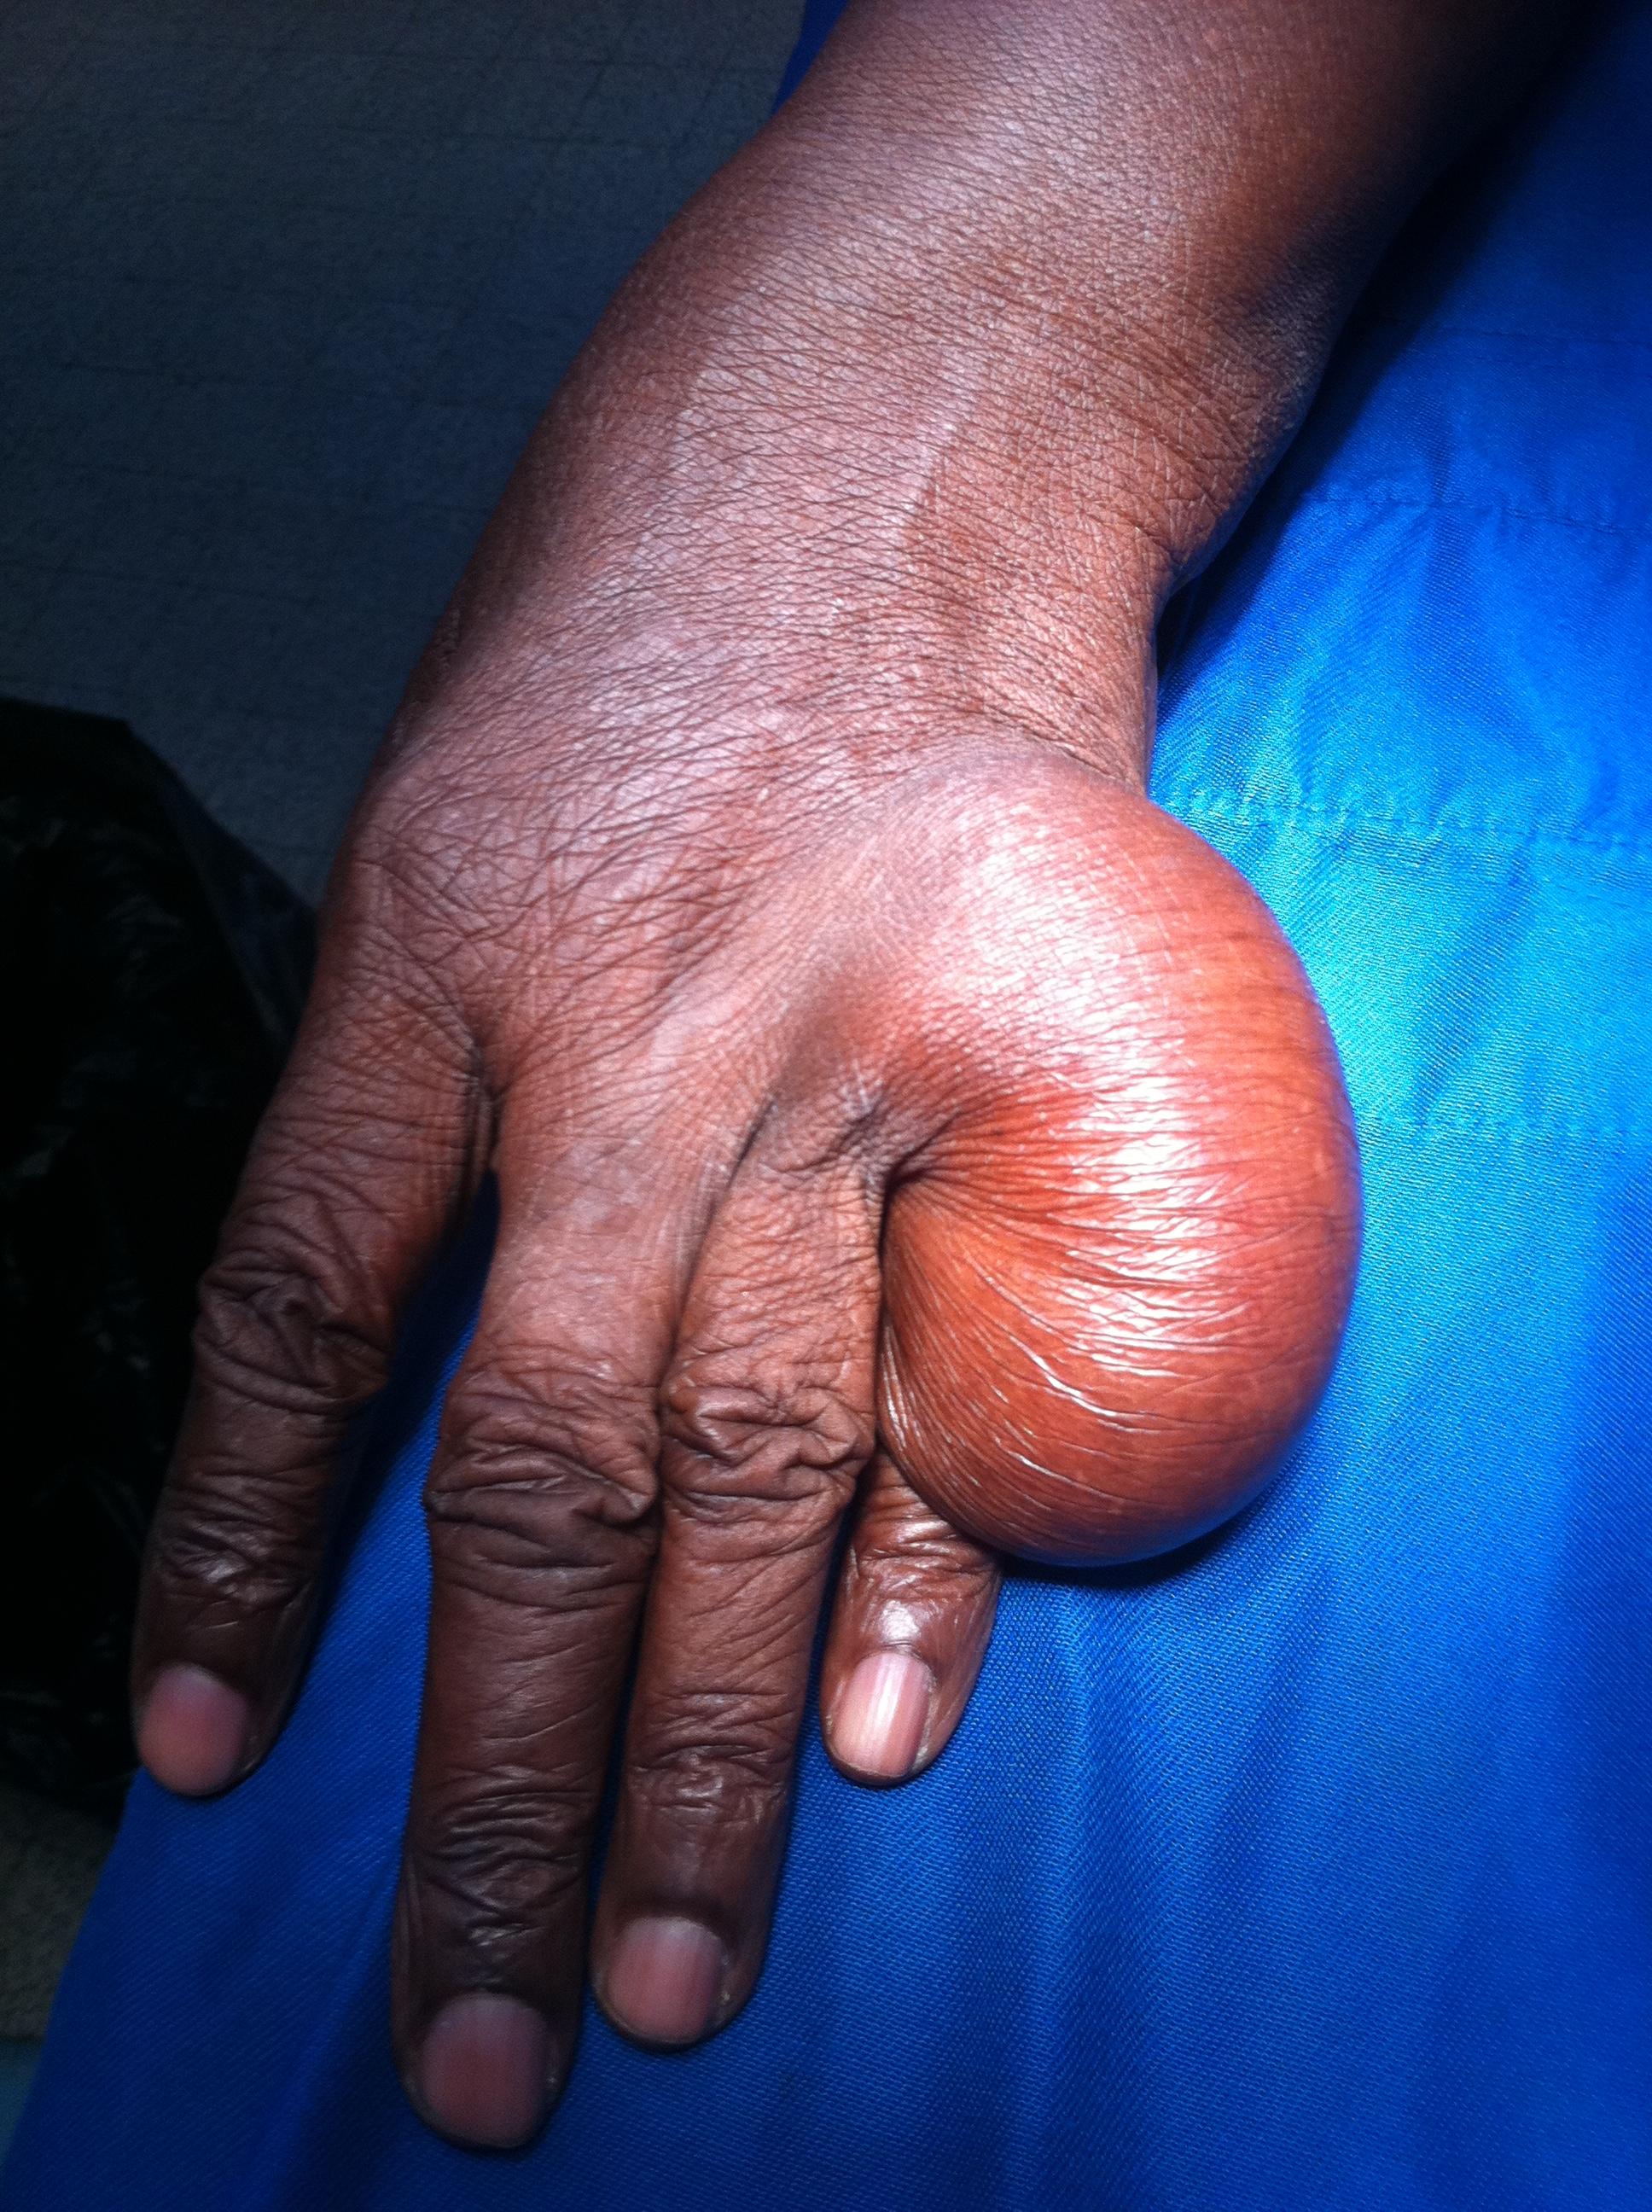 Lipome de la main (boule de graisse)